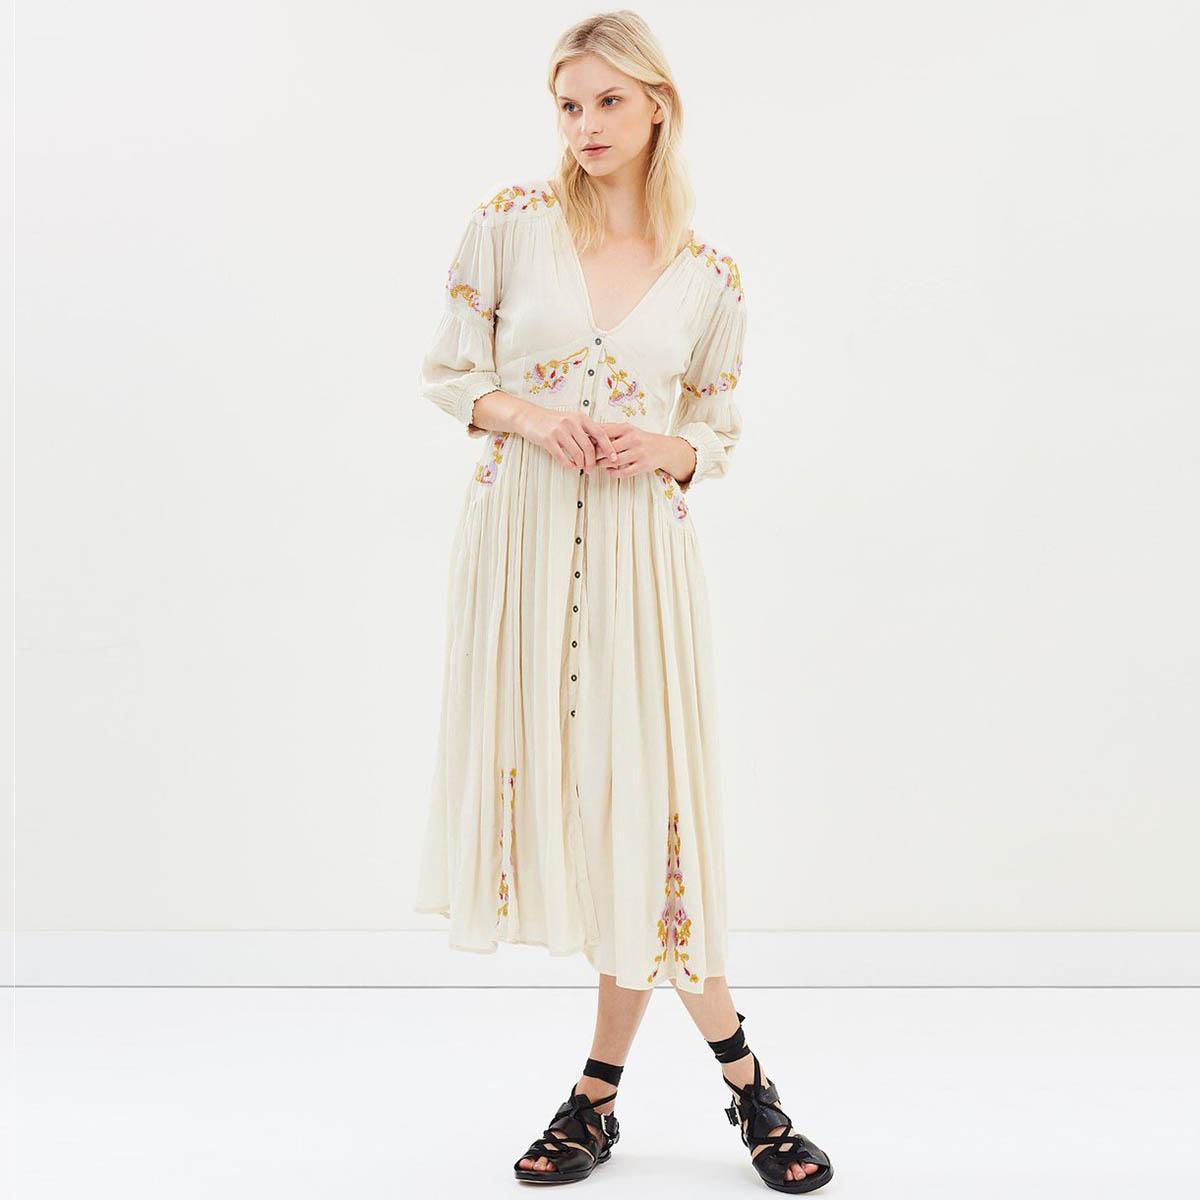 Lueur Chic robe mi-longue femmes 2019 été col en V fendu bouton-up robes Sexy dames Boho Floral broderie plage fête longue robe